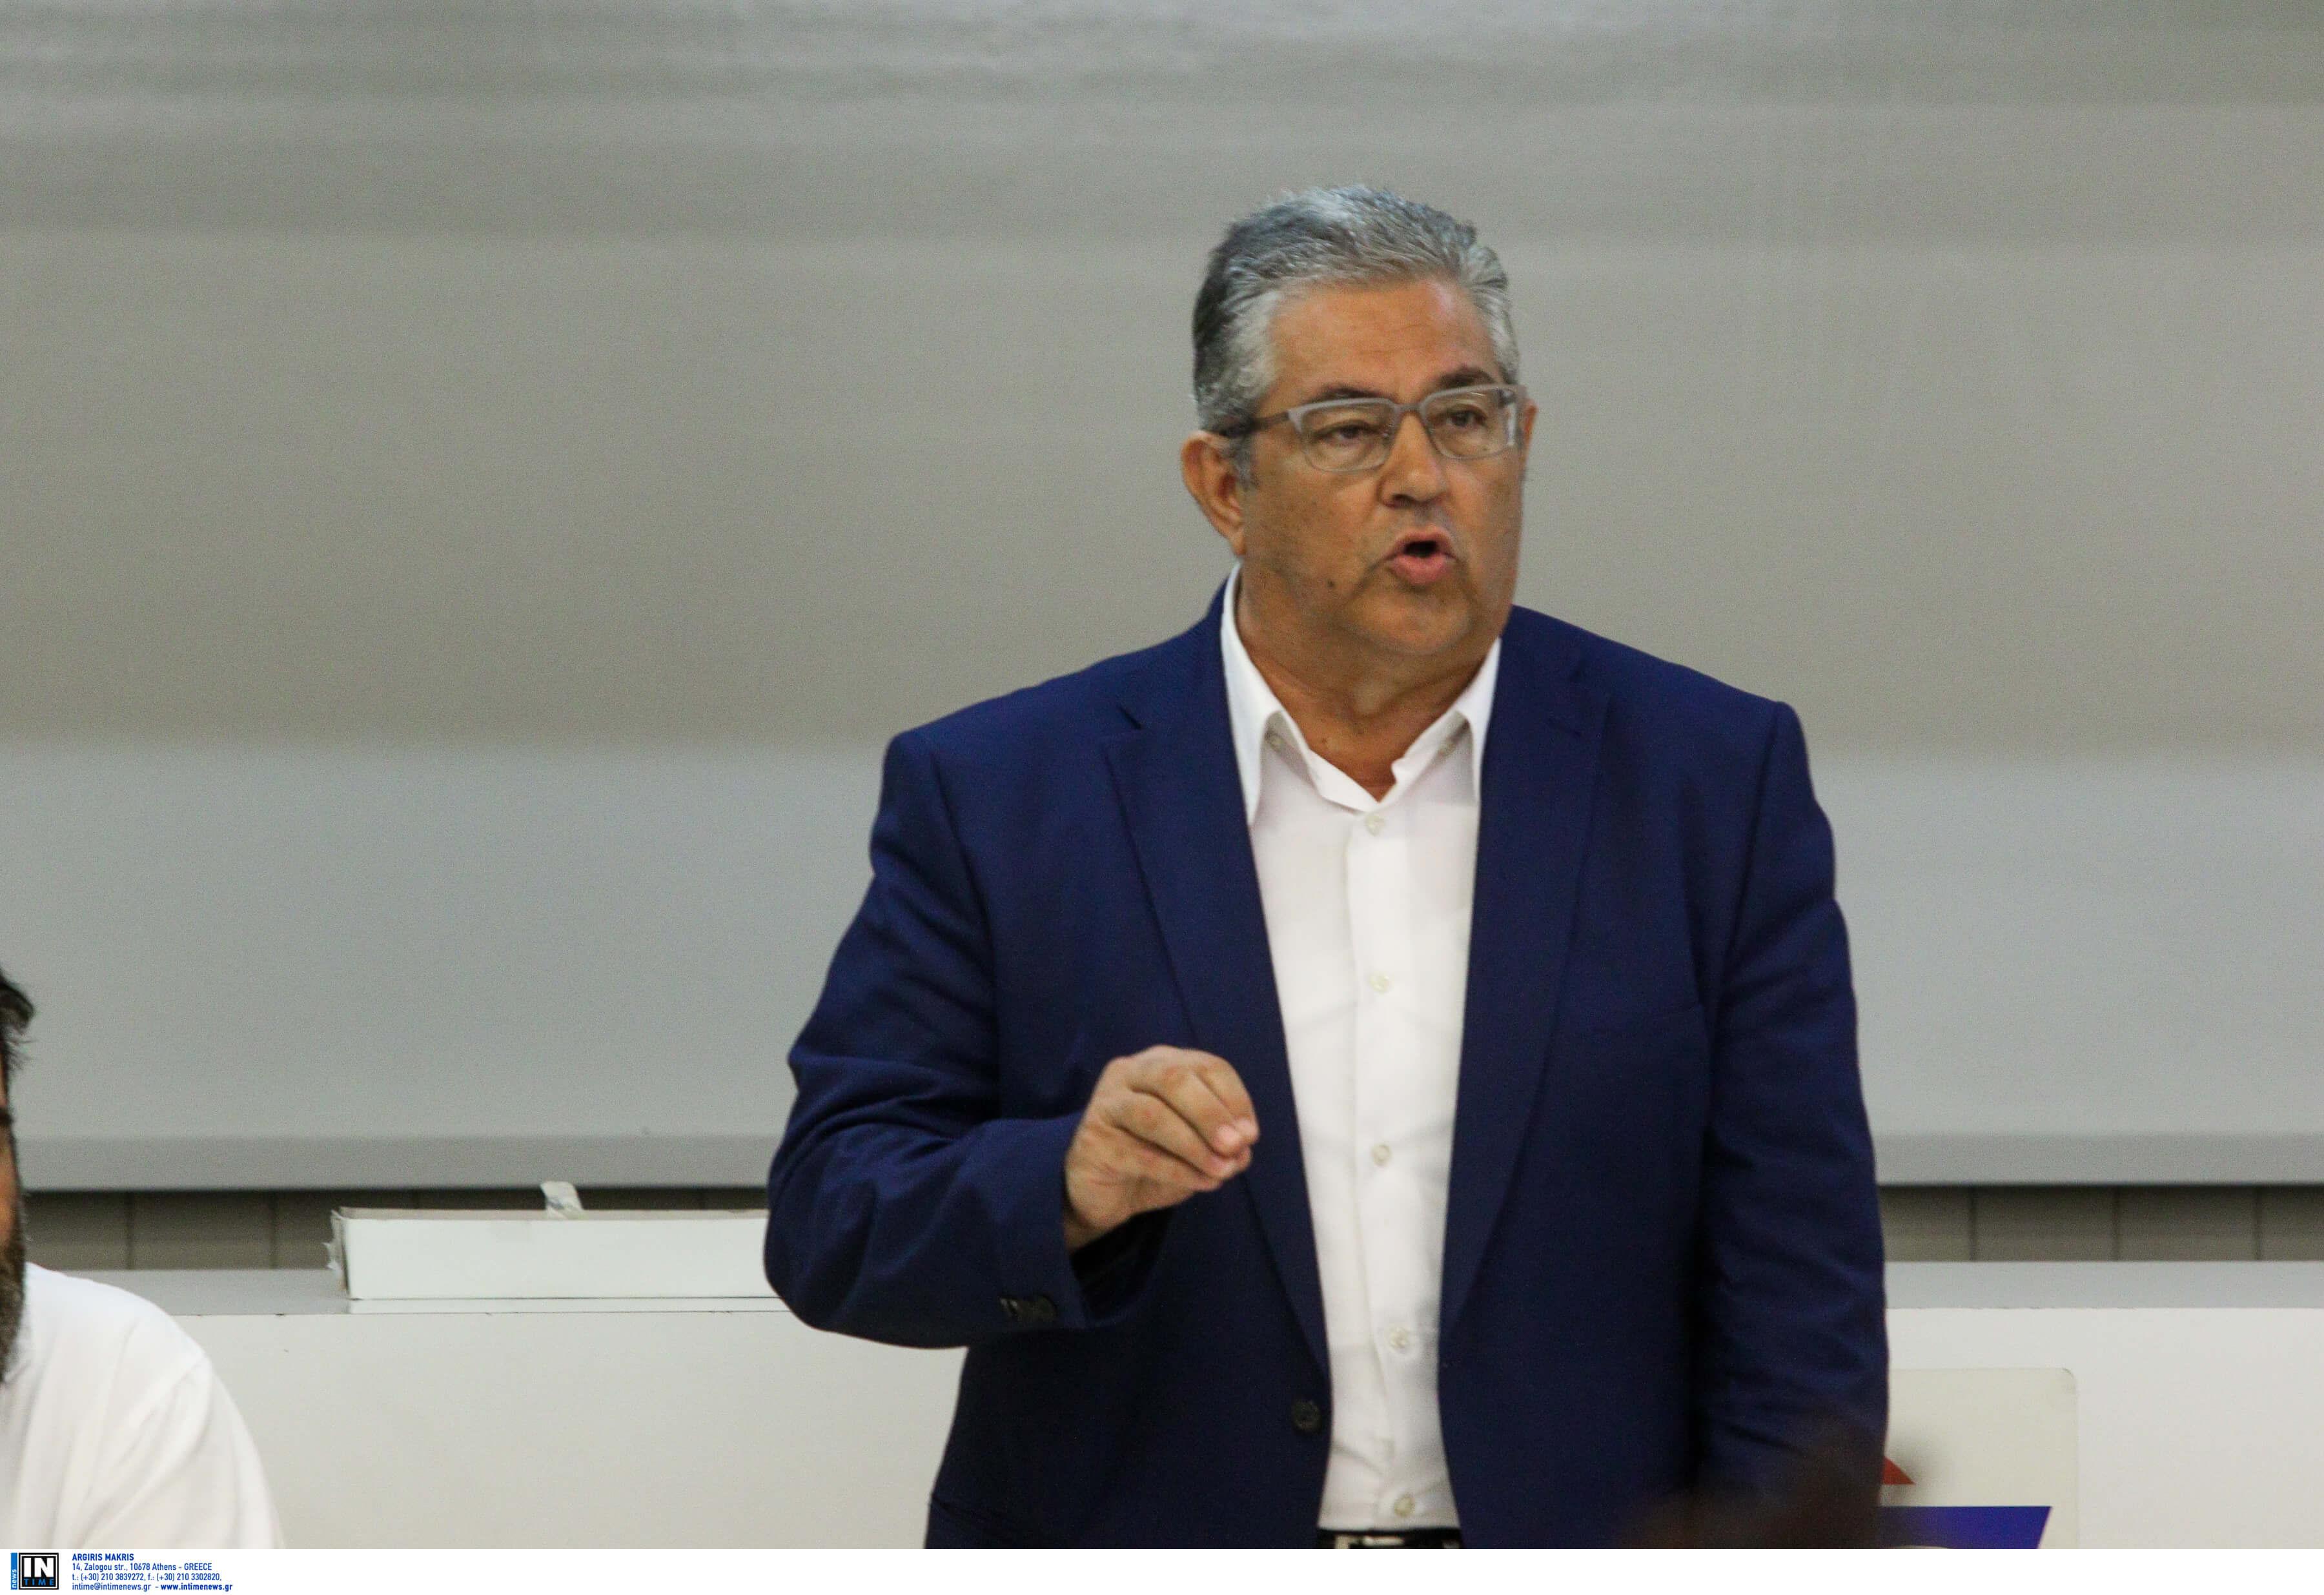 Εκλογές 2019 – Κουτσούμπας: «Ούτε ο κ. Τσίπρας ήθελε τόσο πολύ debate, άσχετα τι λέει δημόσια»